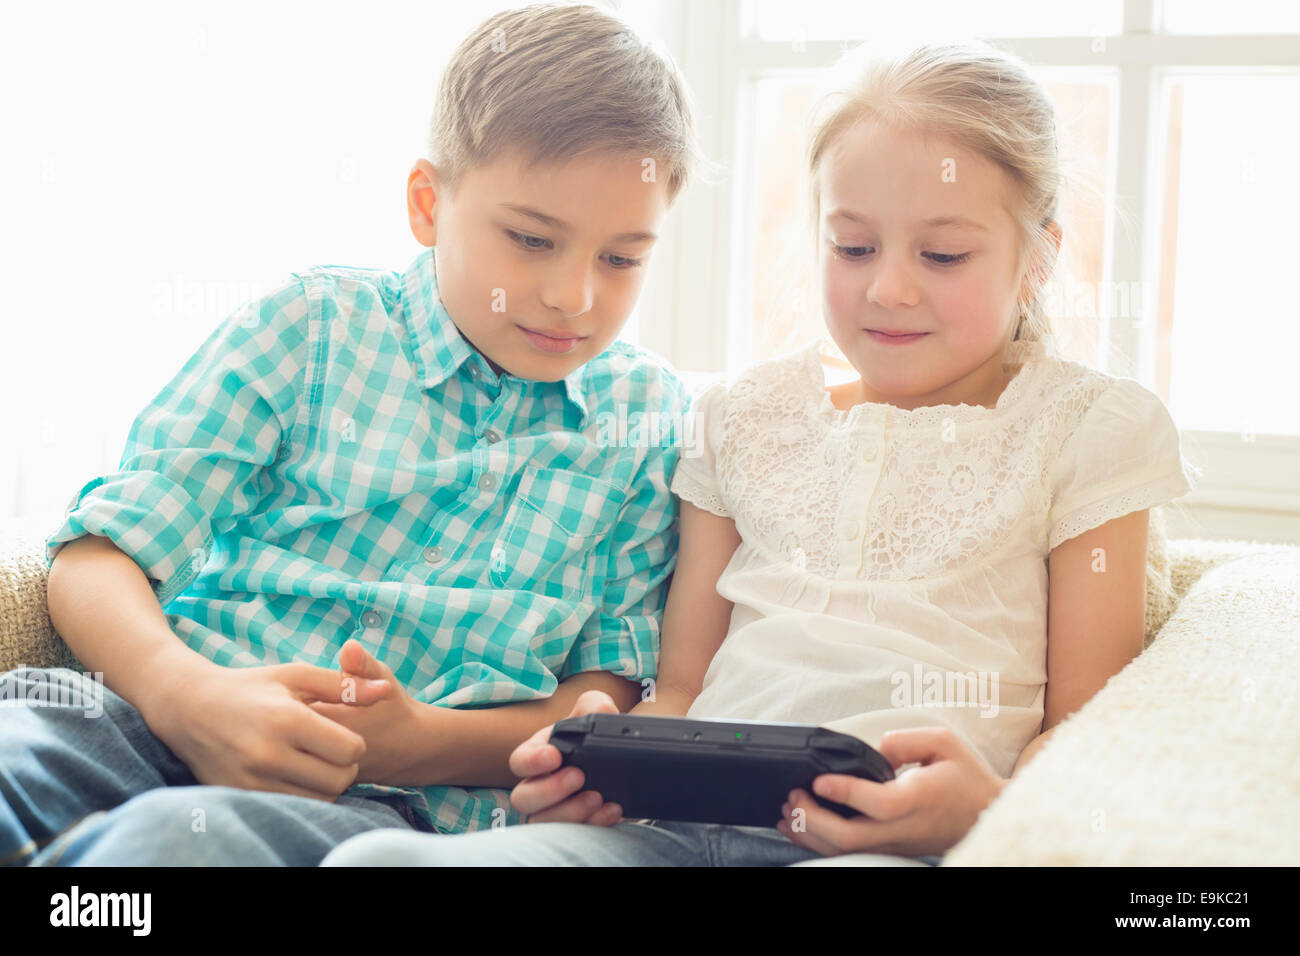 Frères et sœurs jouant un jeu vidéo à la maison Photo Stock